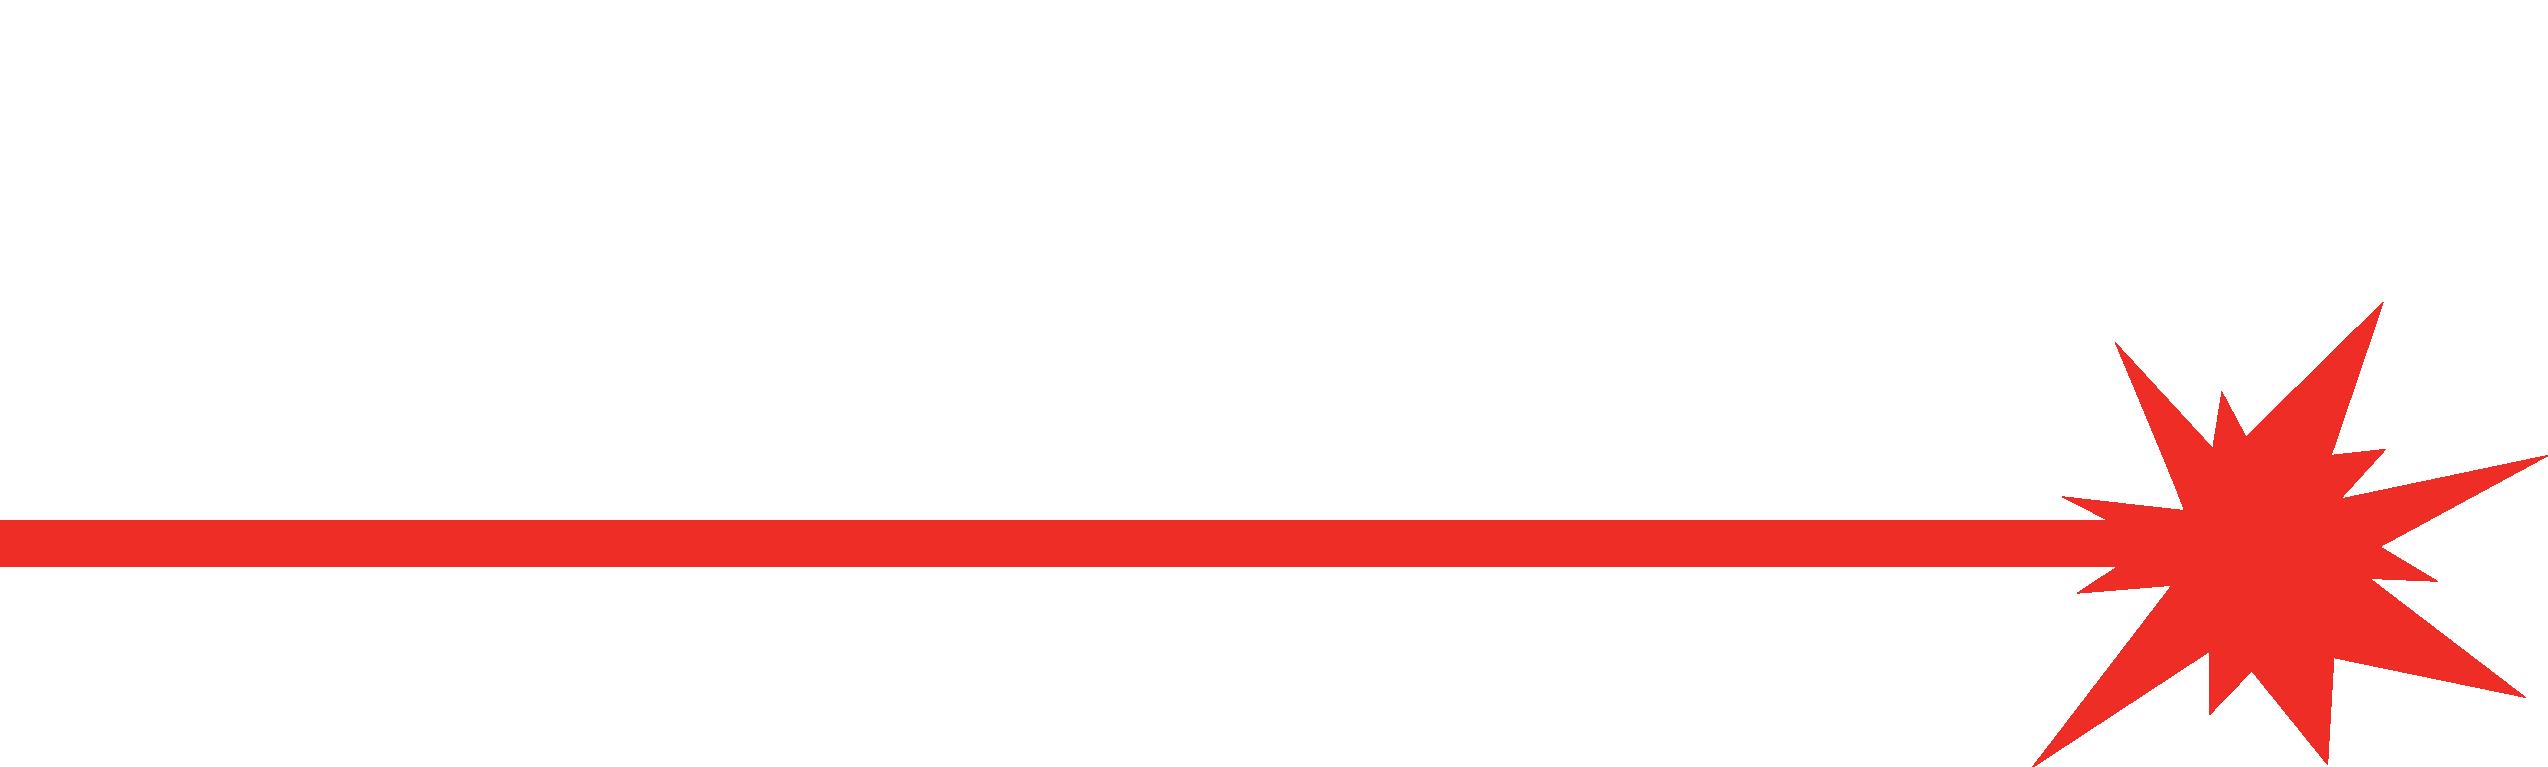 Kvant